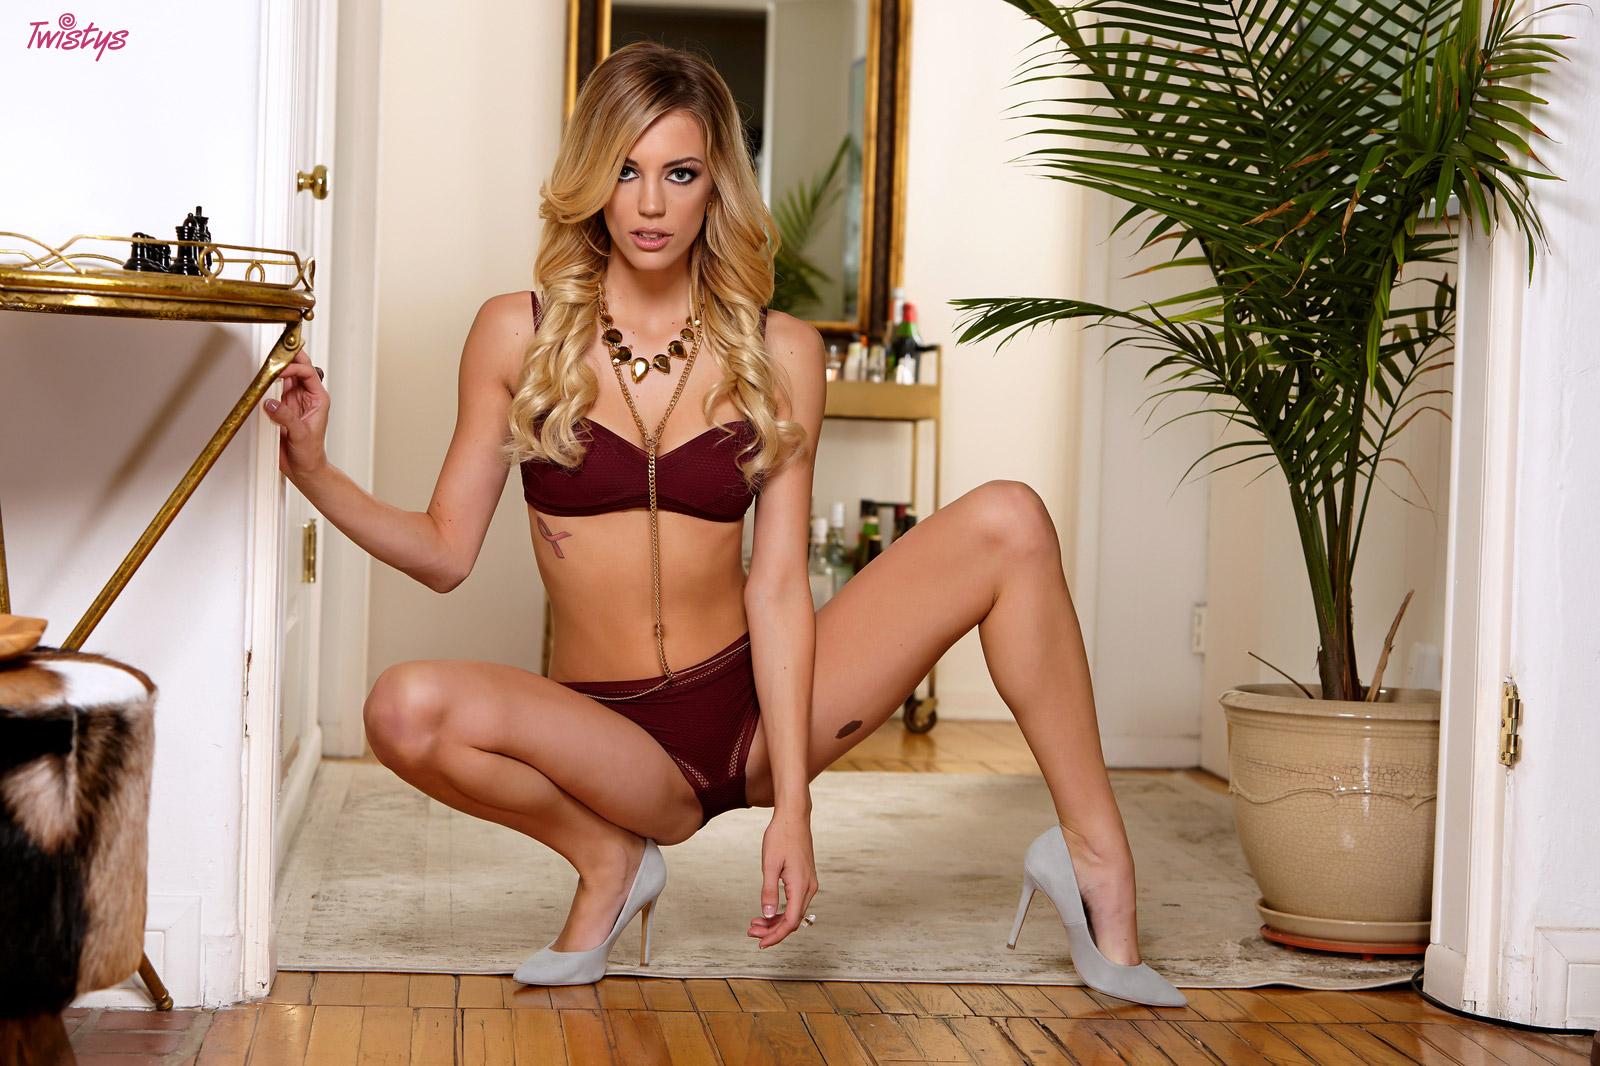 Luxury View.. featuring Blake Eden | Twistys.com